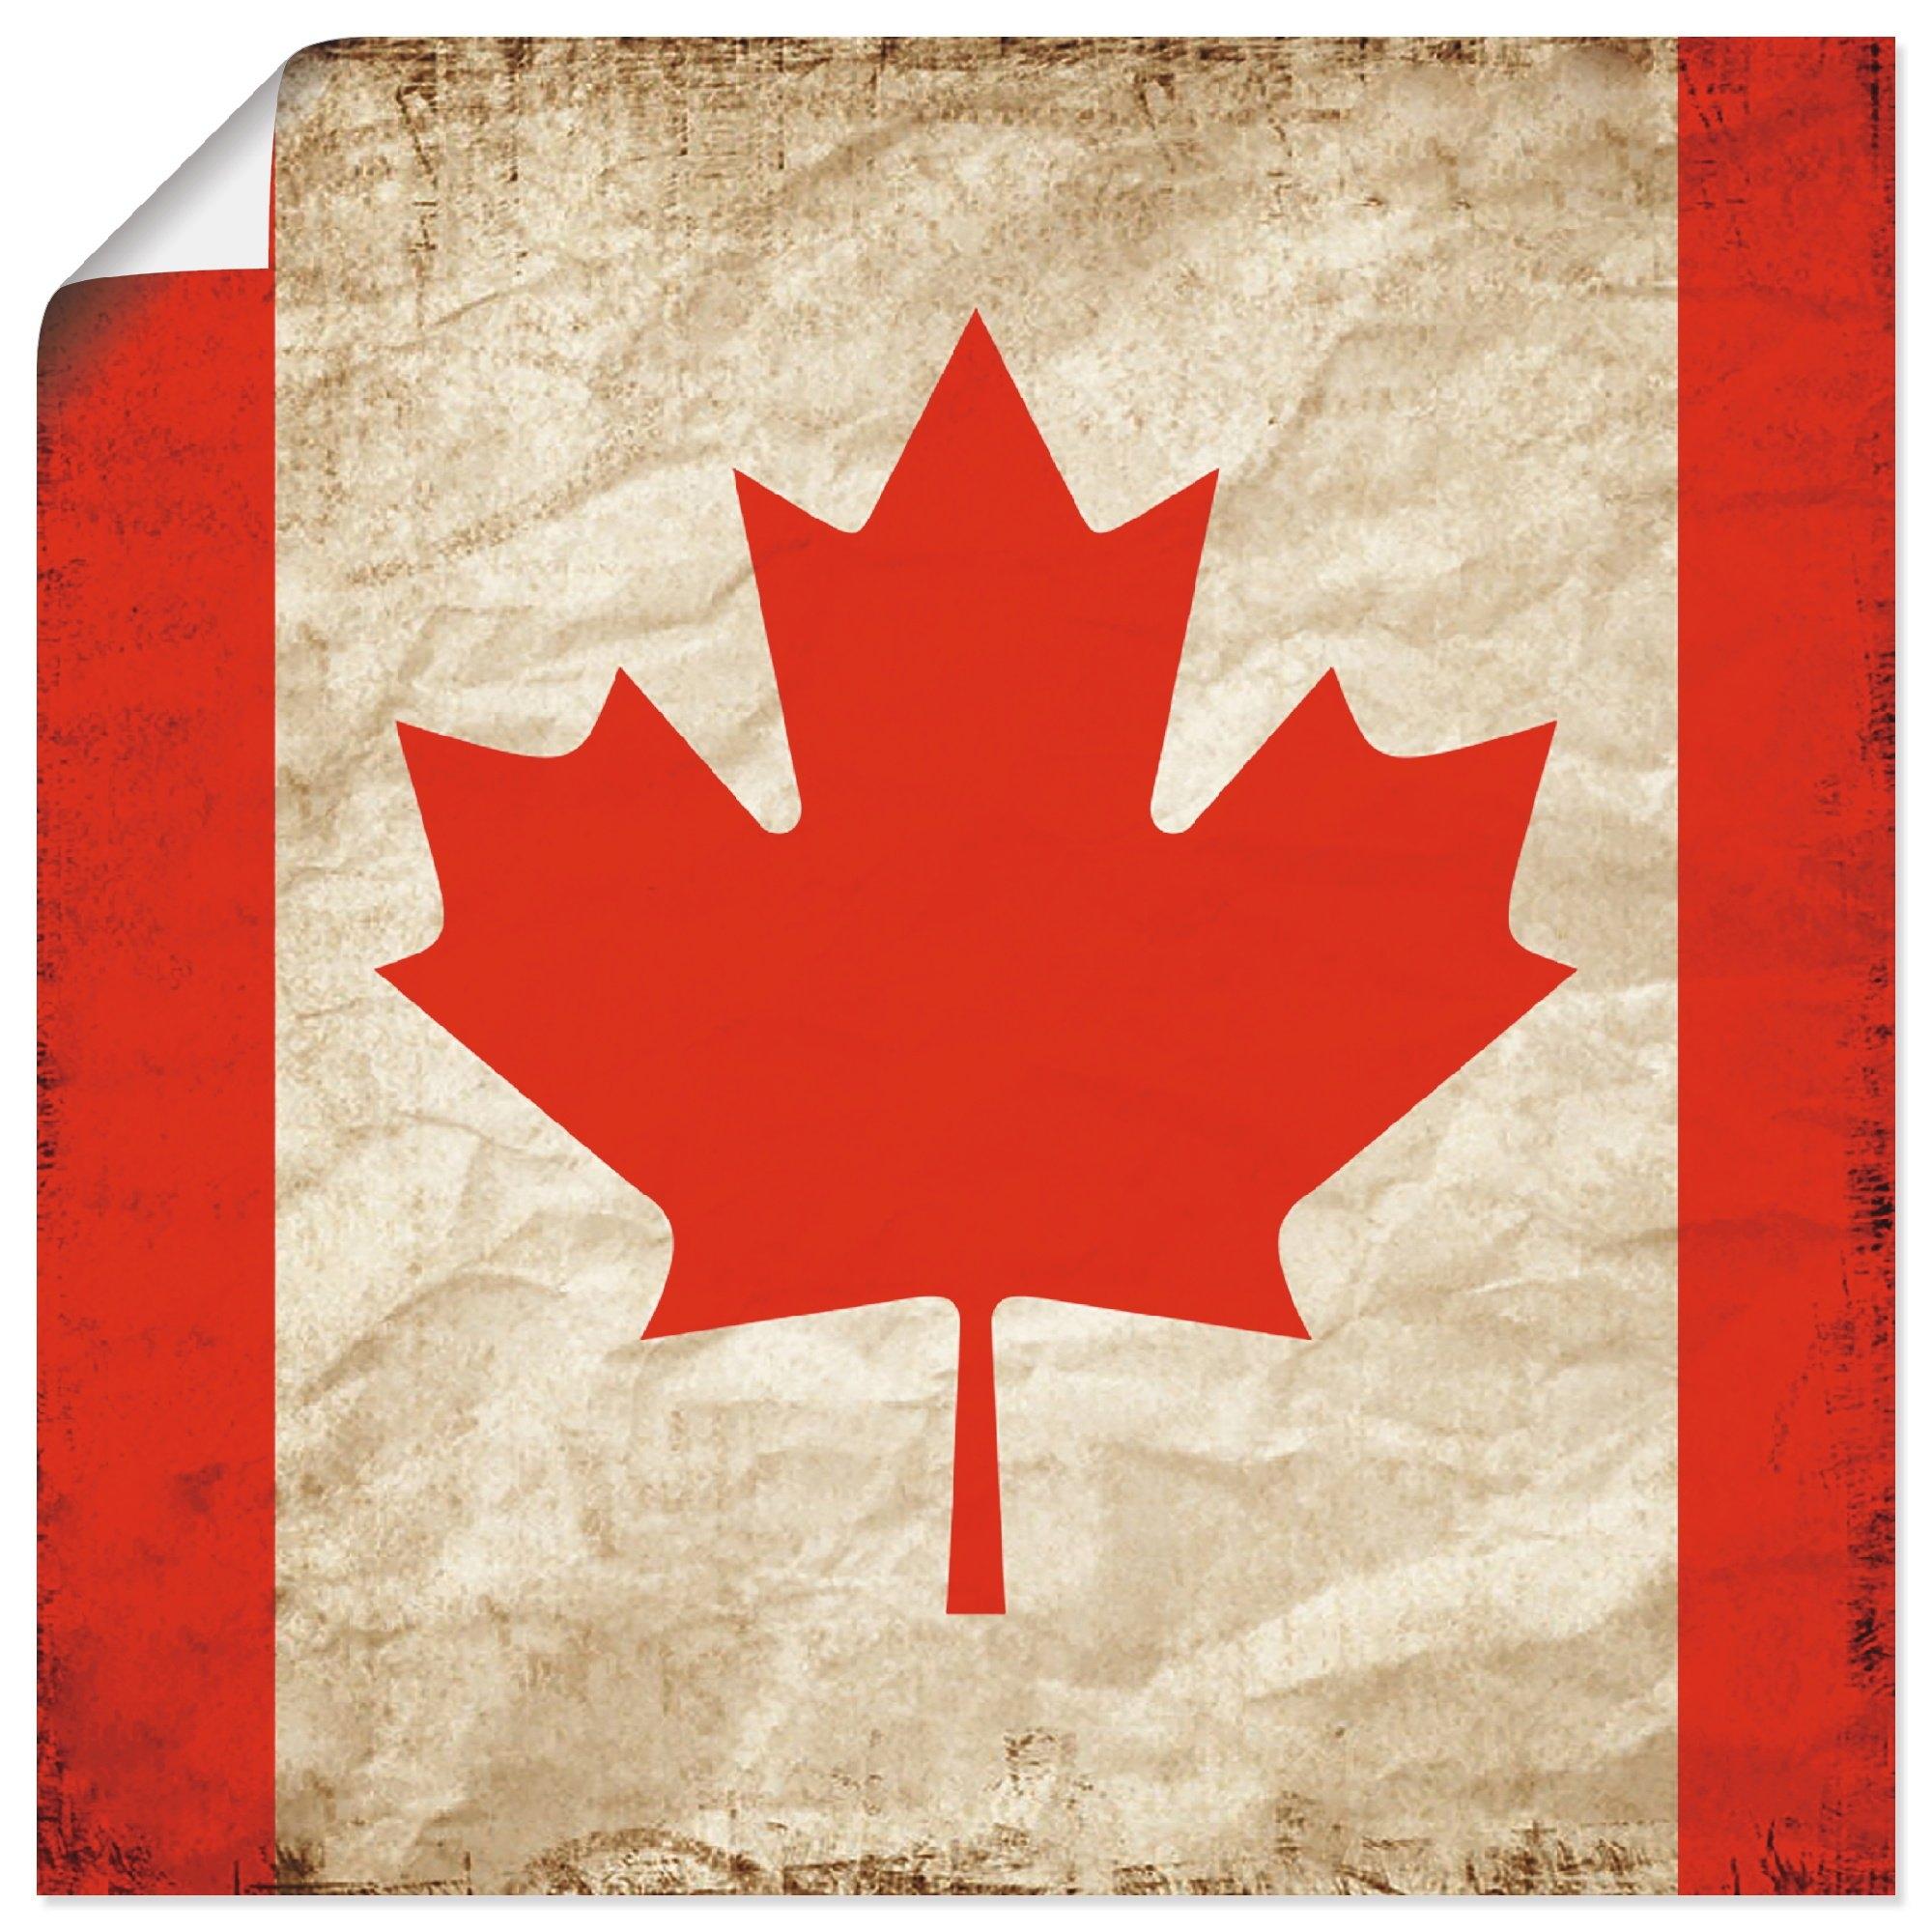 Artland artprint Mooie Canadese vlag in vintage-look in vele afmetingen & productsoorten - artprint van aluminium / artprint voor buiten, artprint op linnen, poster, muursticker / wandfolie ook geschikt voor de badkamer (1 stuk) - gratis ruilen op otto.nl